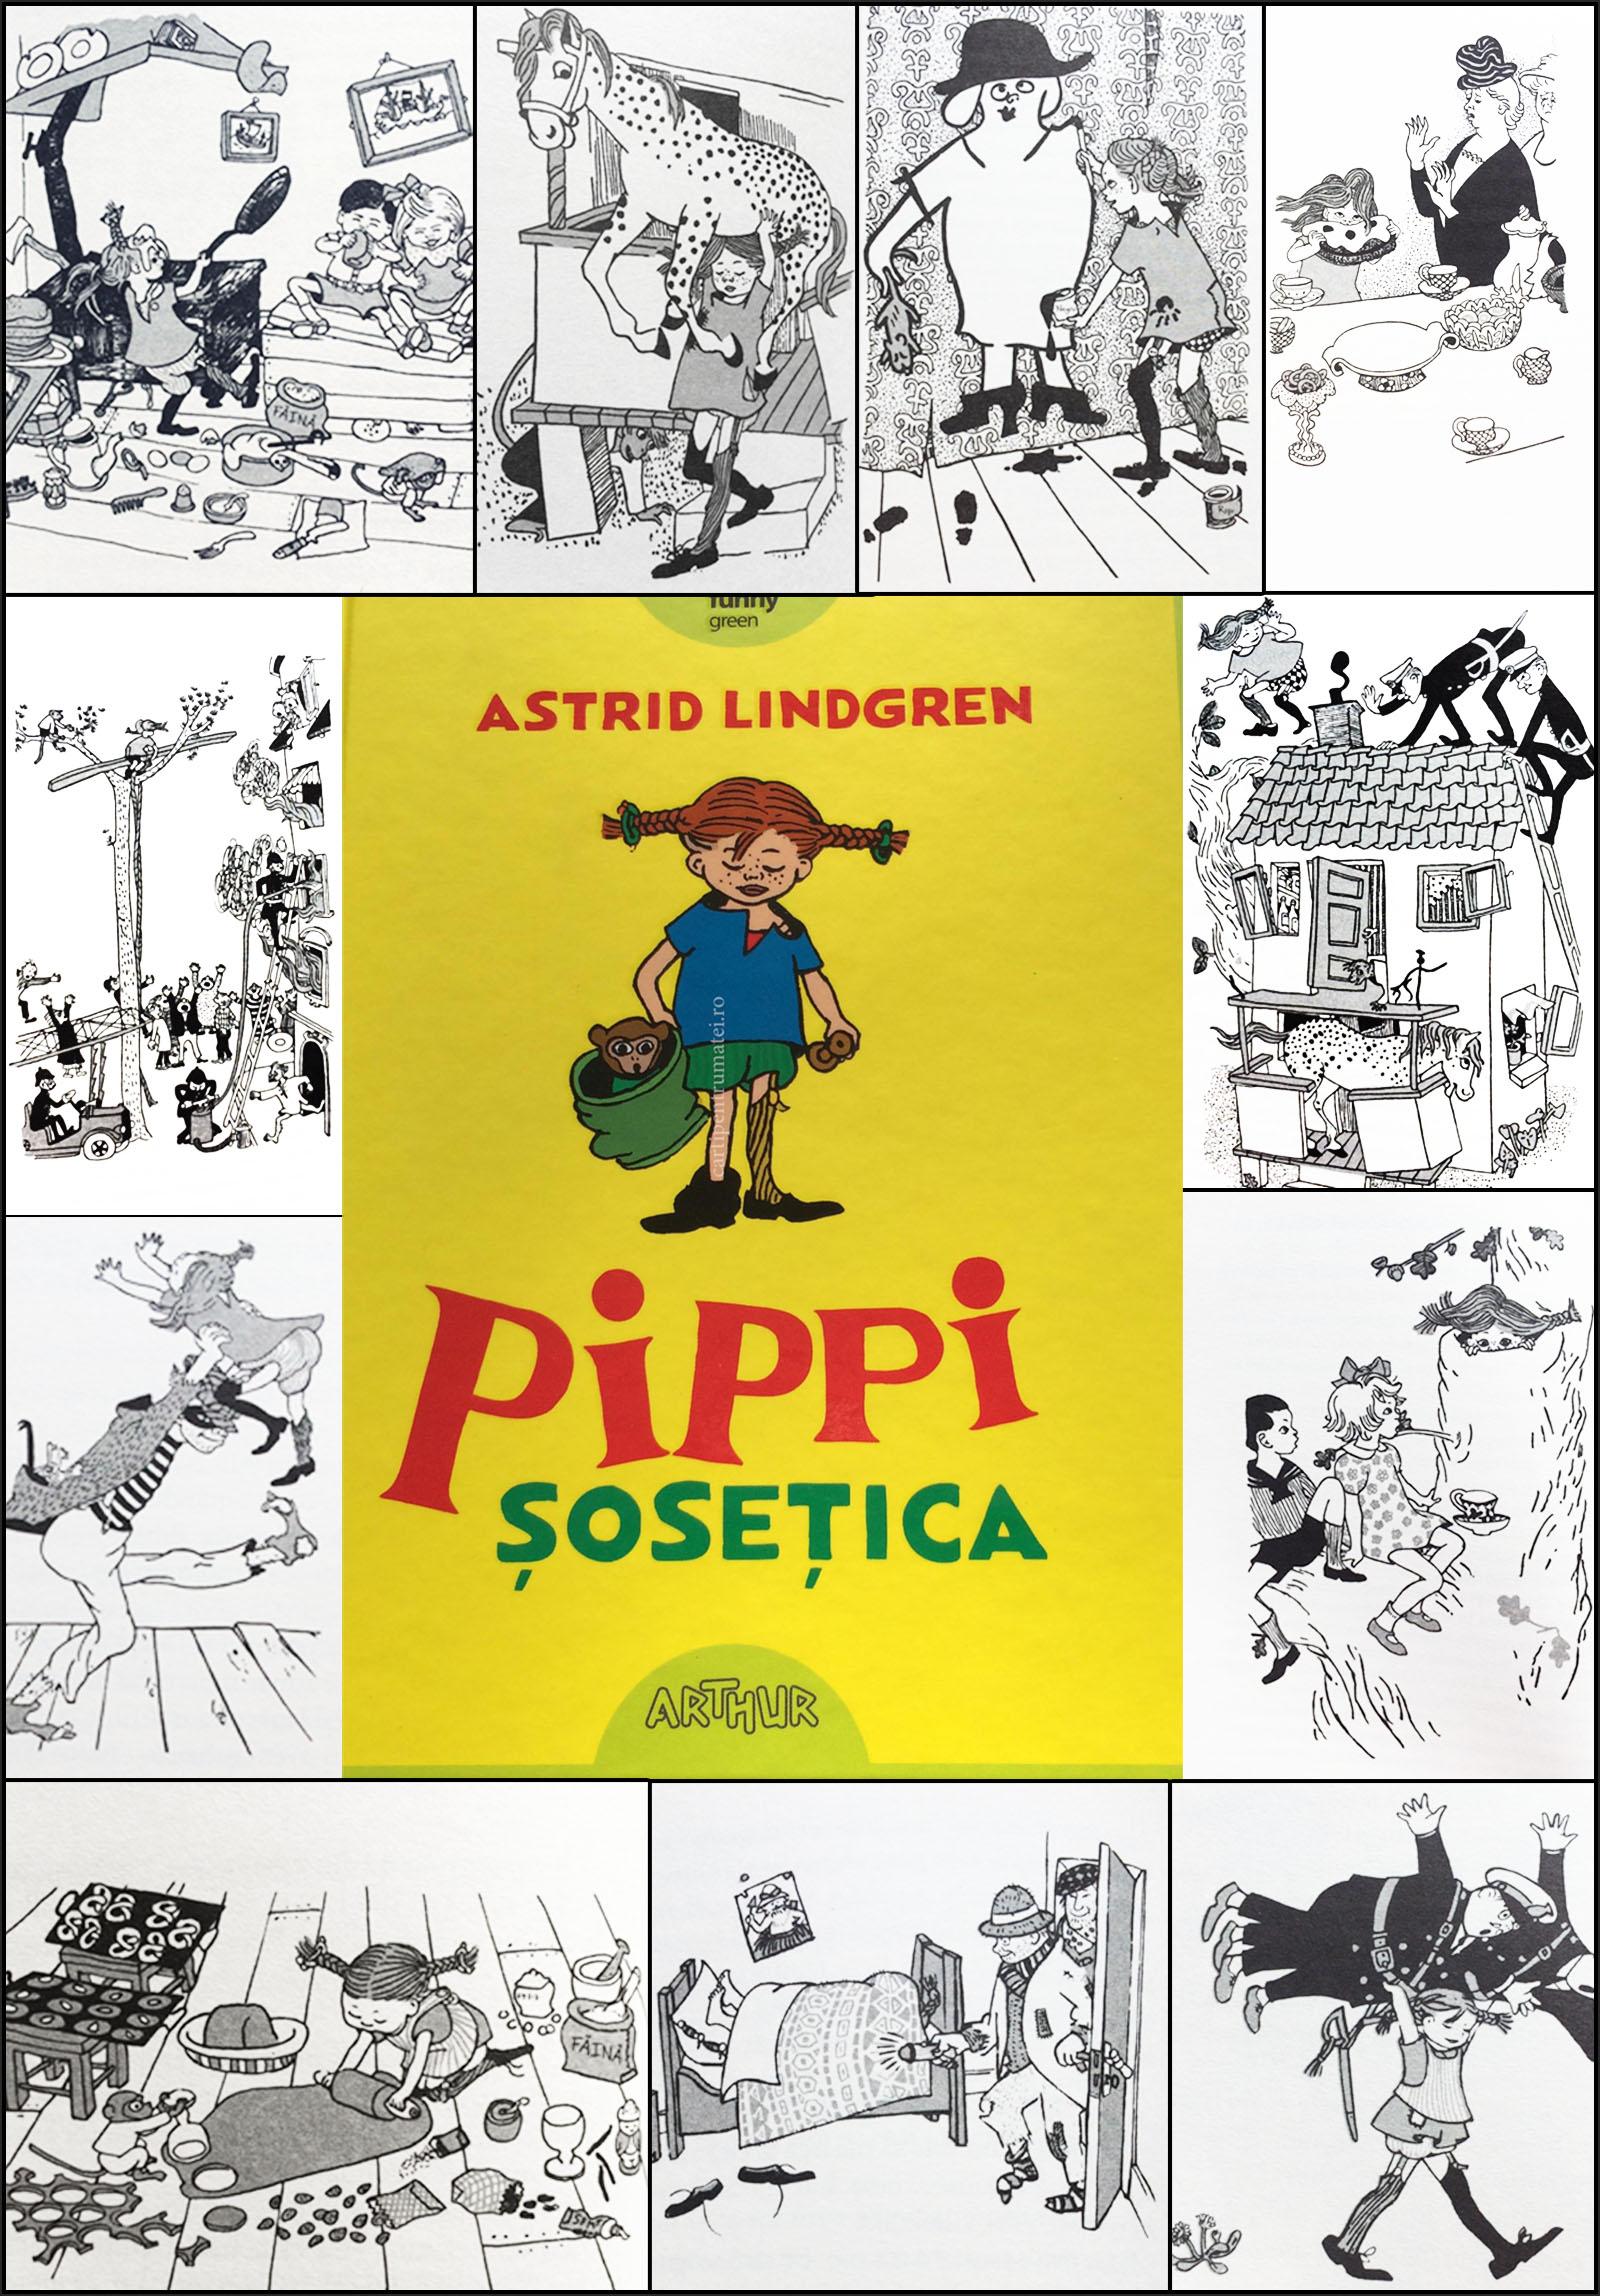 De ce nu-mi place mie Pippi Șosețica?